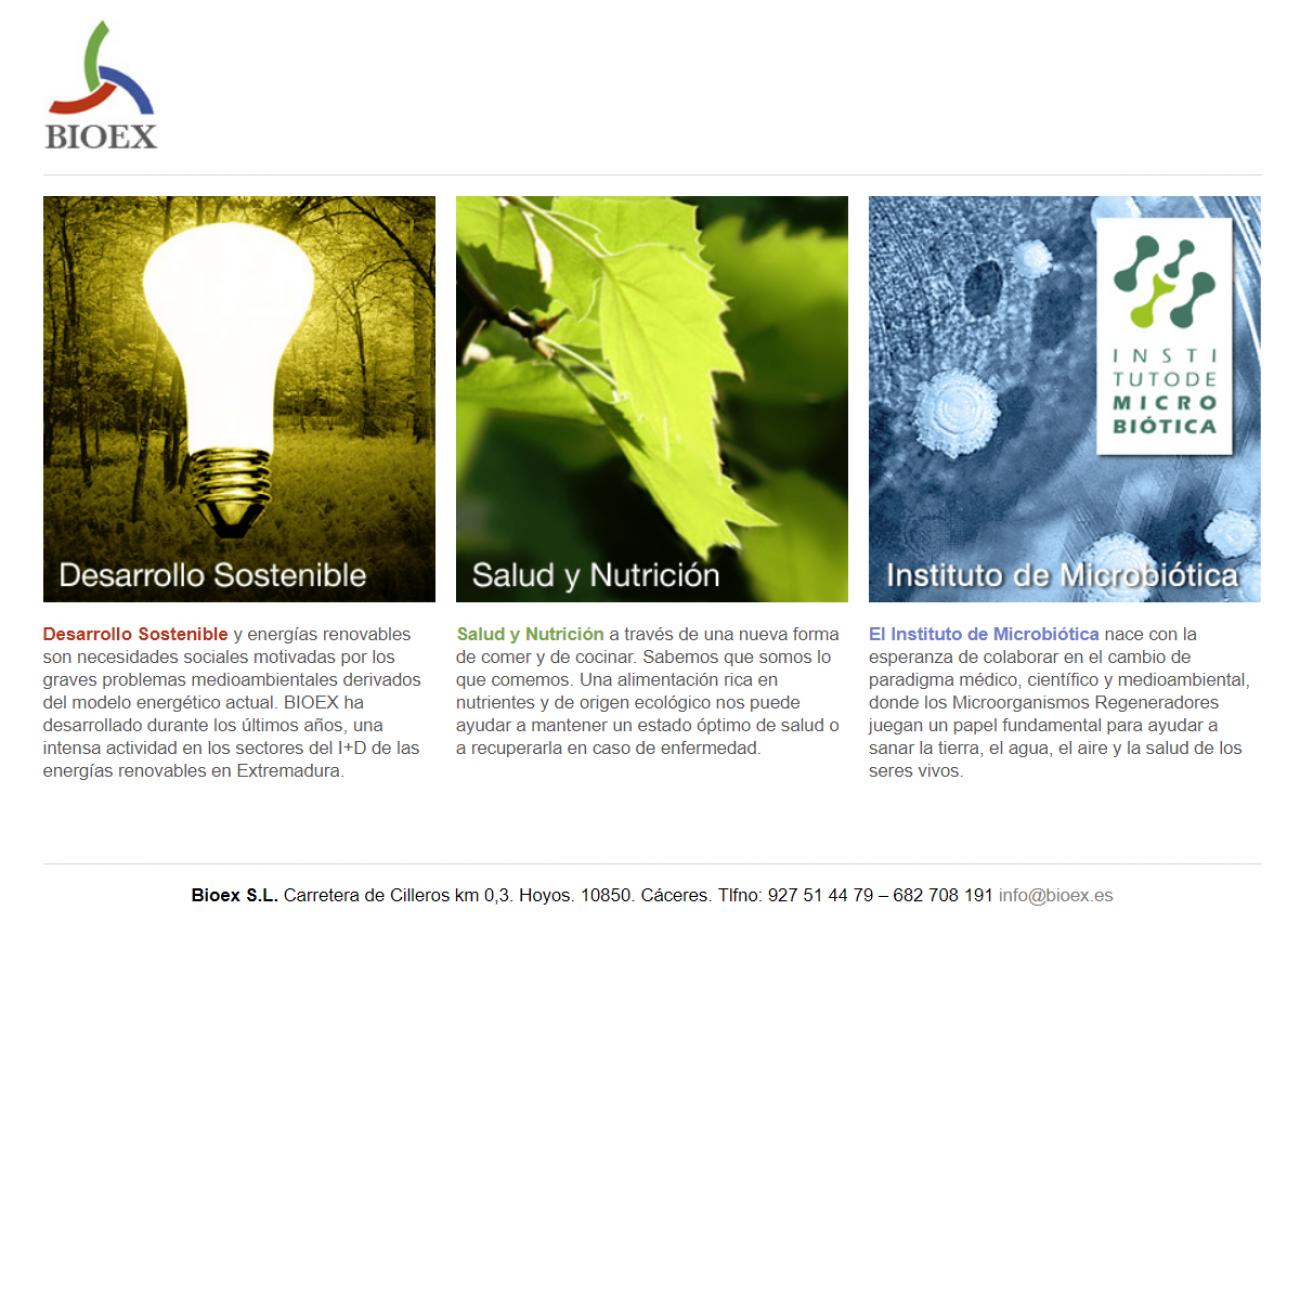 Bionergética de Extremadura (Bioex)